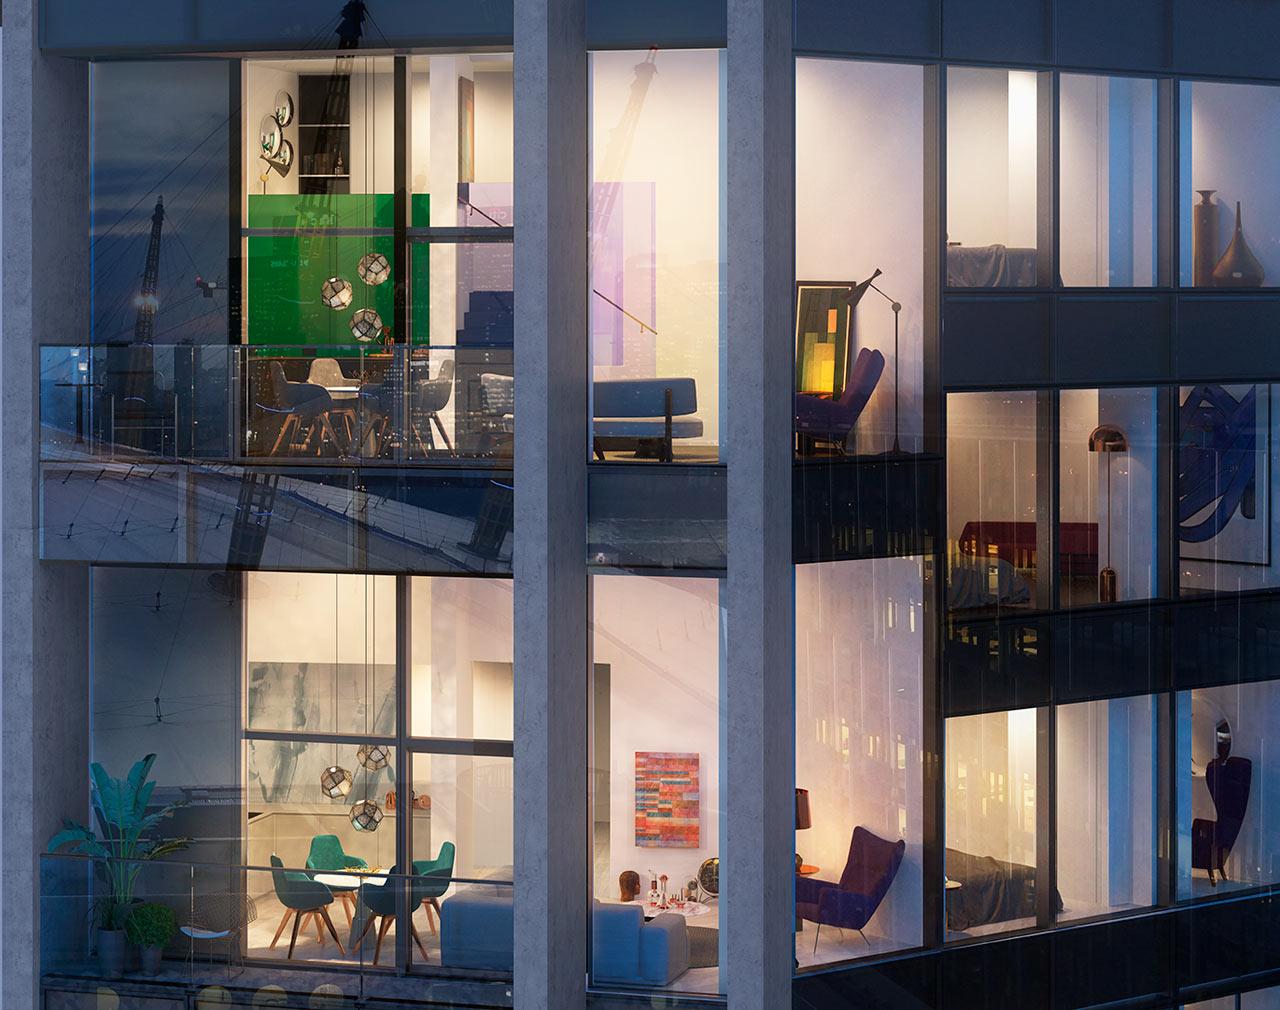 وحدات سكنية عصرية جرأة وروعة الألوان في تصميم وحدات سكنية عصرية